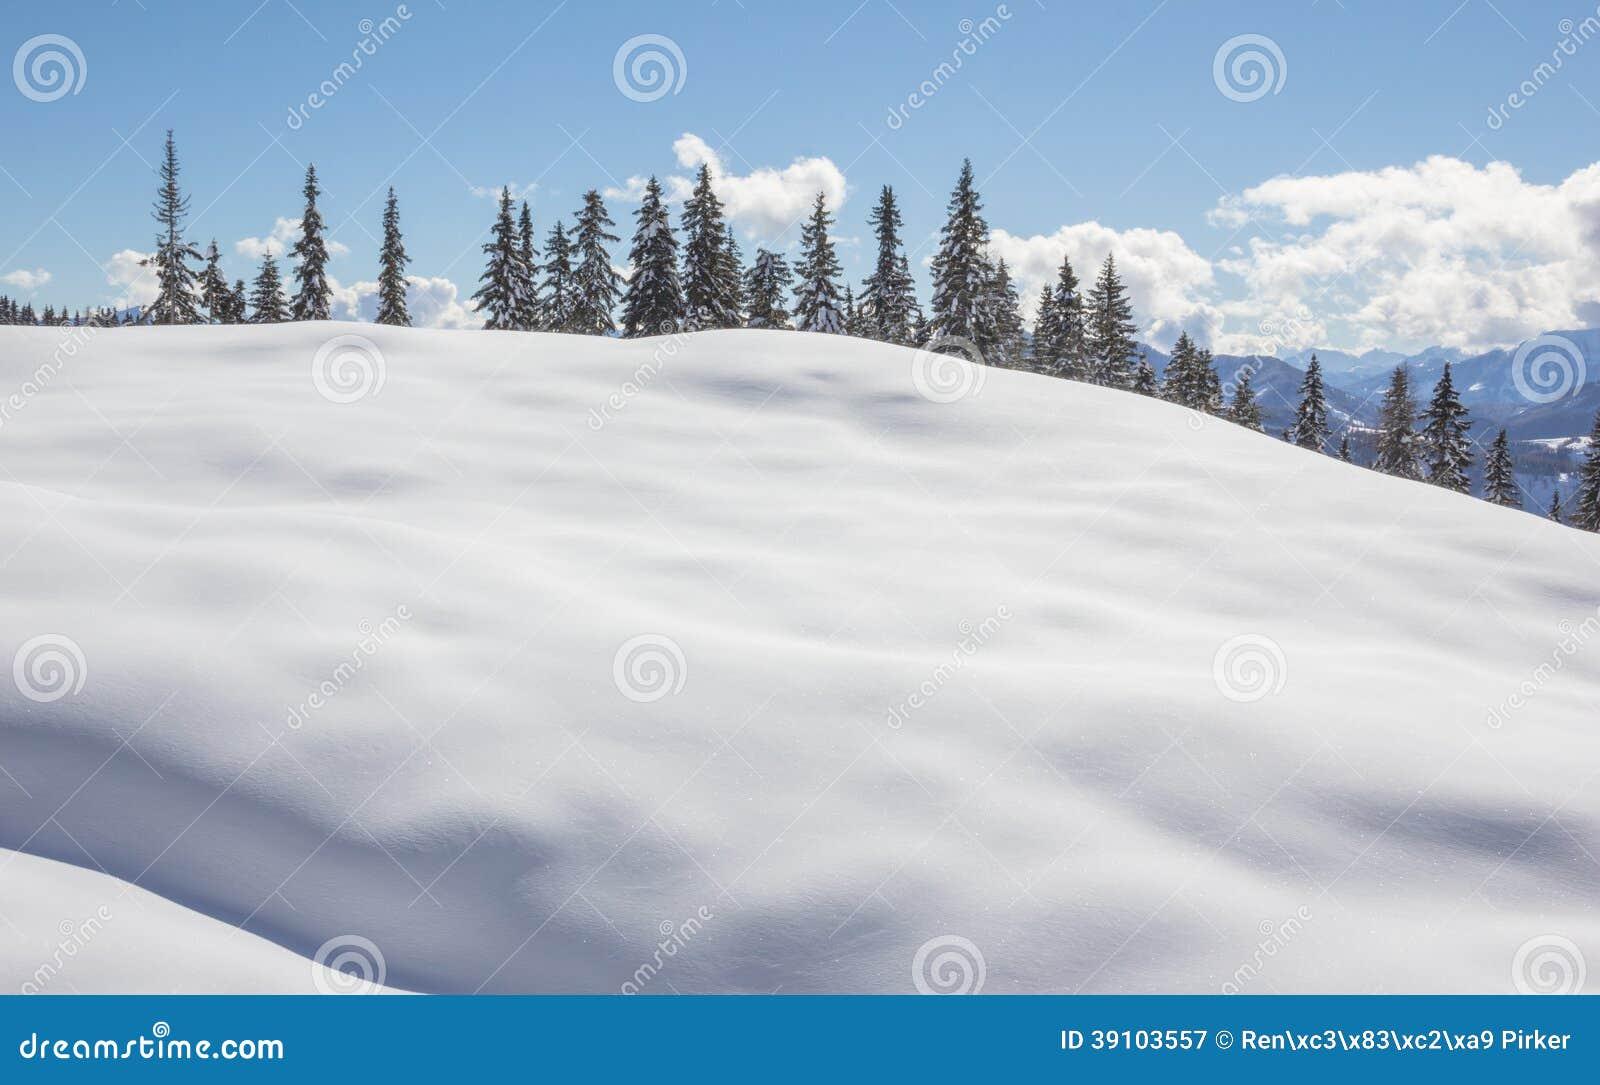 De winterlandschap met Bomensneeuw en Blauwe Hemel